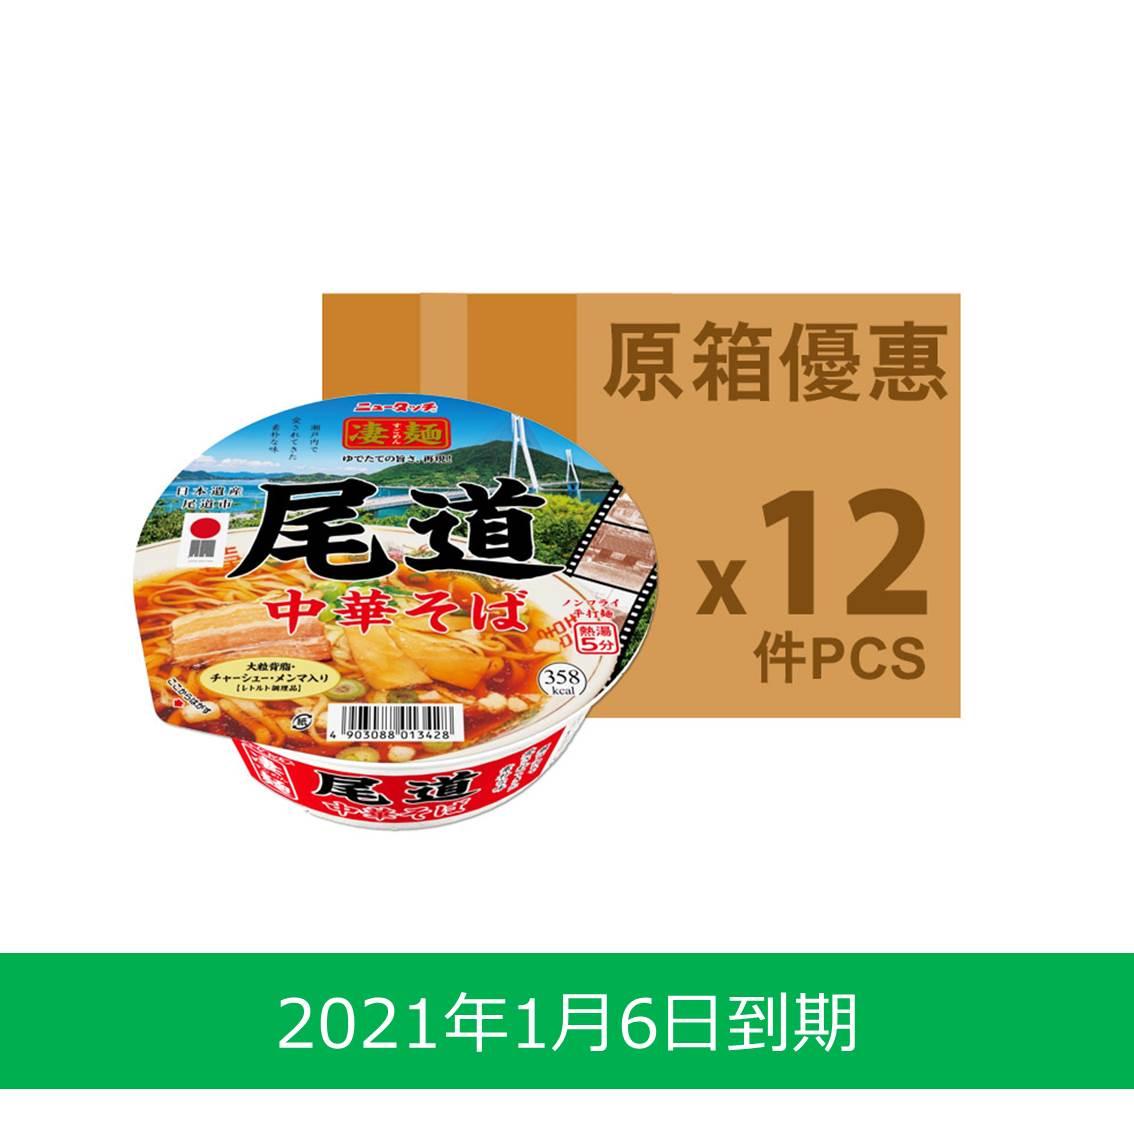 尾道-淒麵中華醬油背脂拉麵115G(原箱)